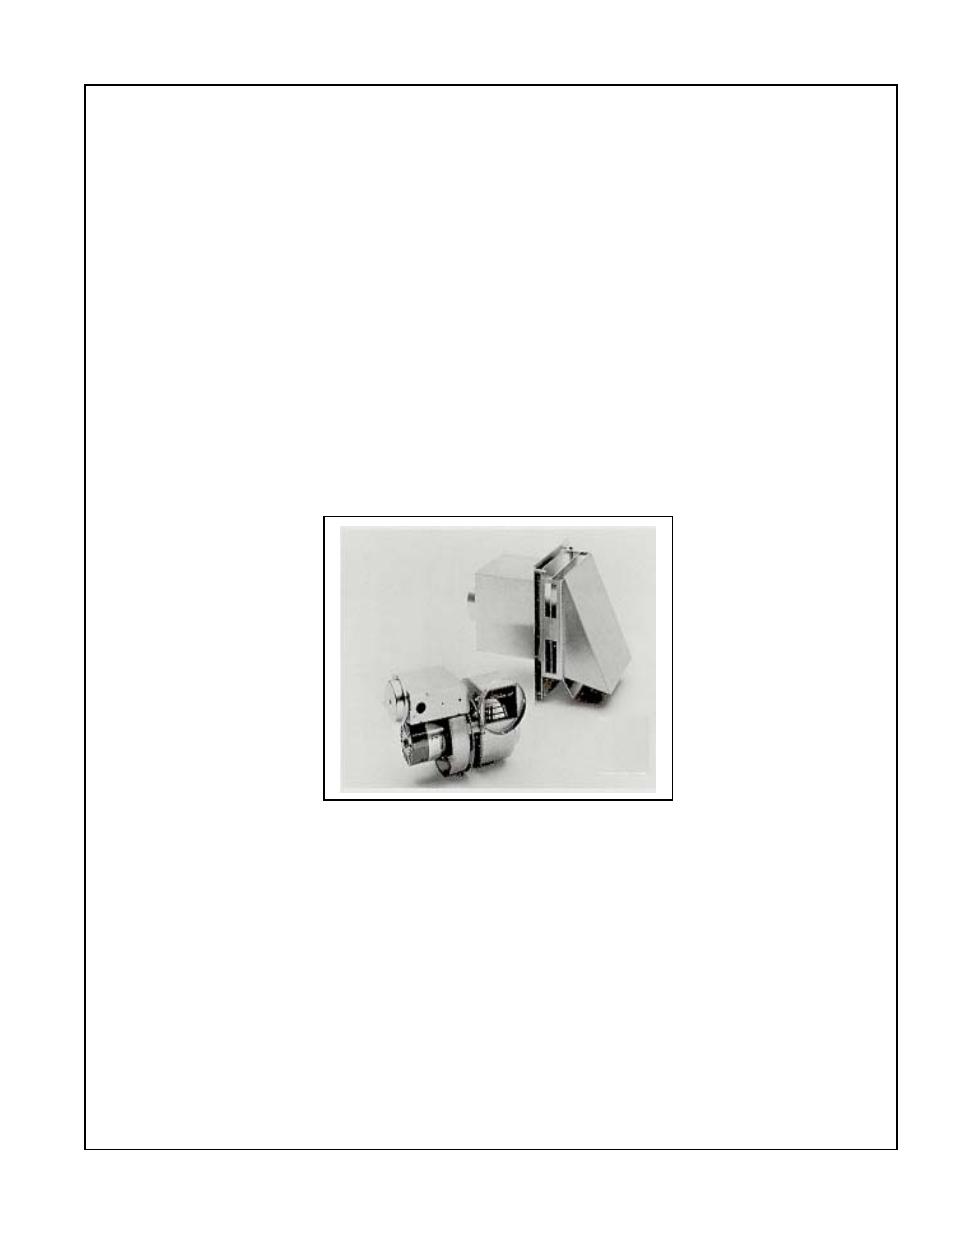 aquastar 125x user manual 13 pages also for 125hx 125bs 125bl rh manualsdir com Bosch AquaStar Replacement Parts Bosch AquaStar 125B